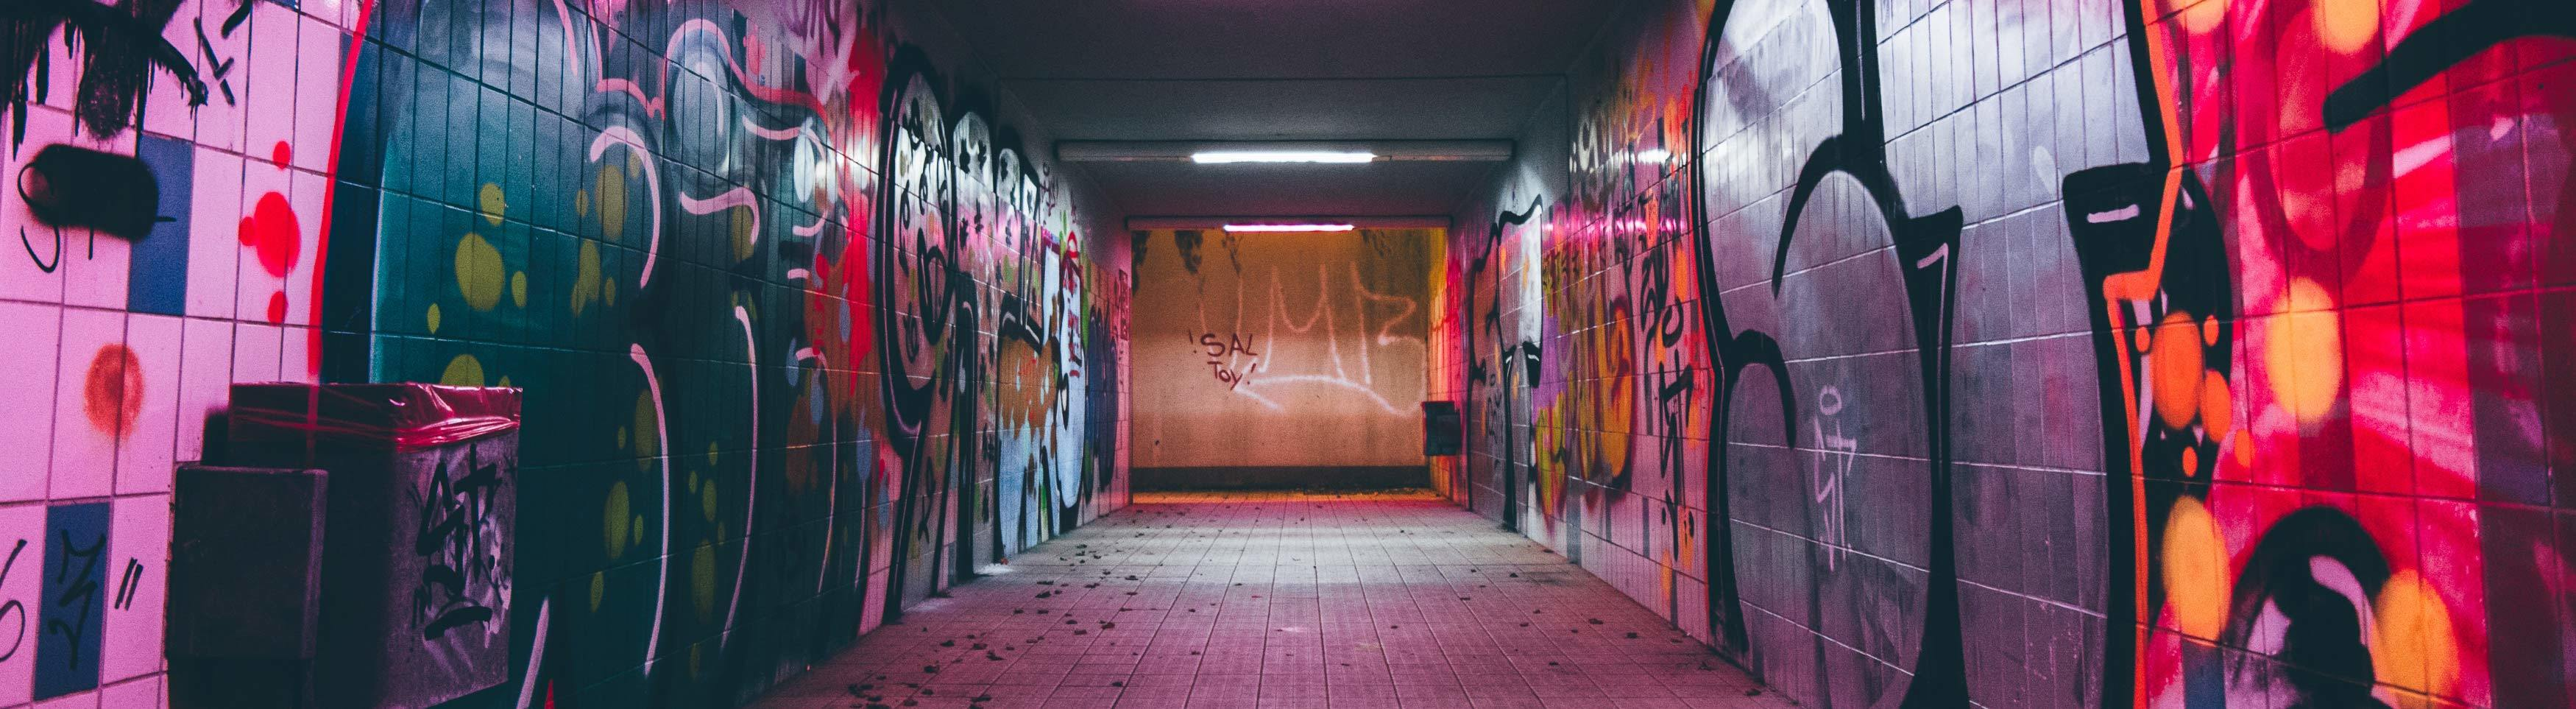 Unterführung mit Graffiti